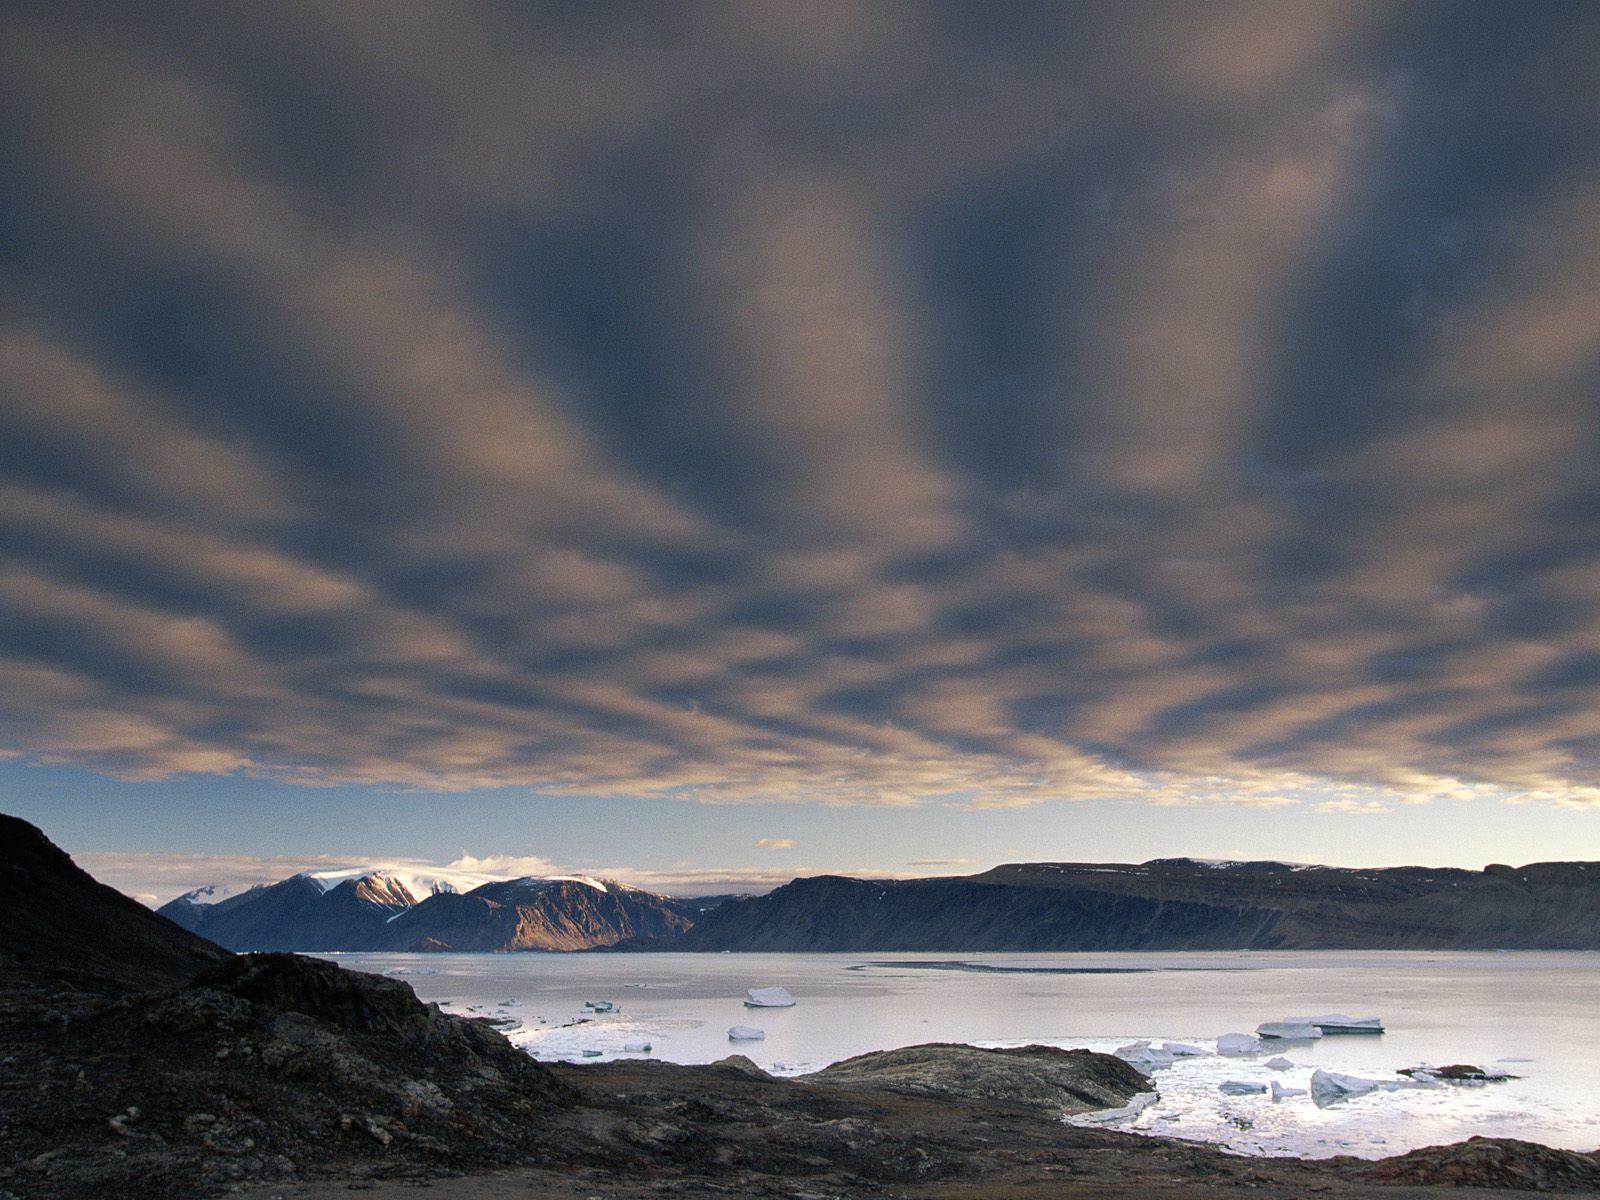 Alexandra Fjord, Ellesmere Island, Canada